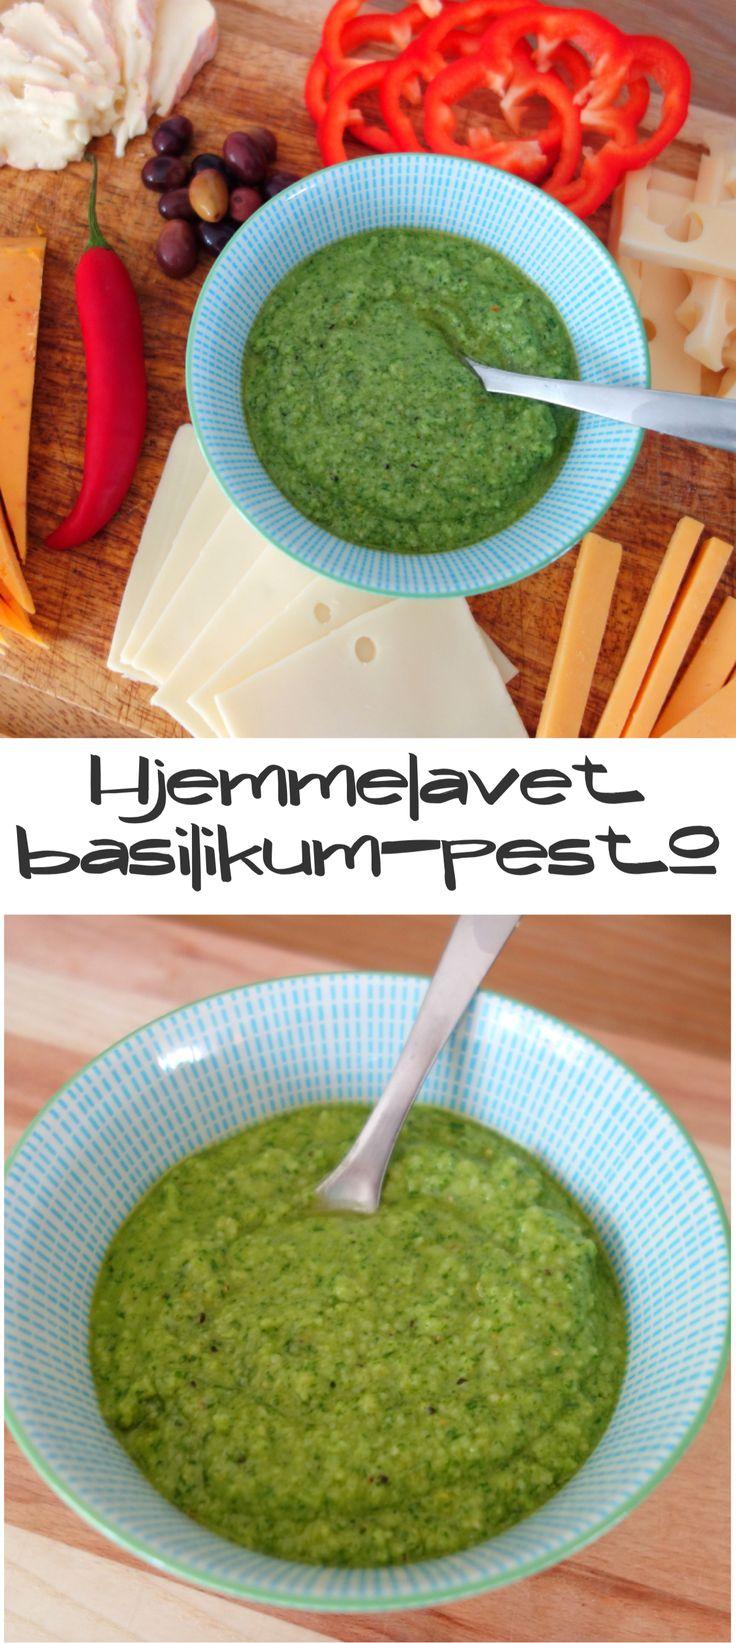 Endnu engang viser det sig, at hjemmelavet bare er bedre. Denne grønne pesto lavet på basilikum og parmesan er super nem at lave og passer til rigtig mange ting.